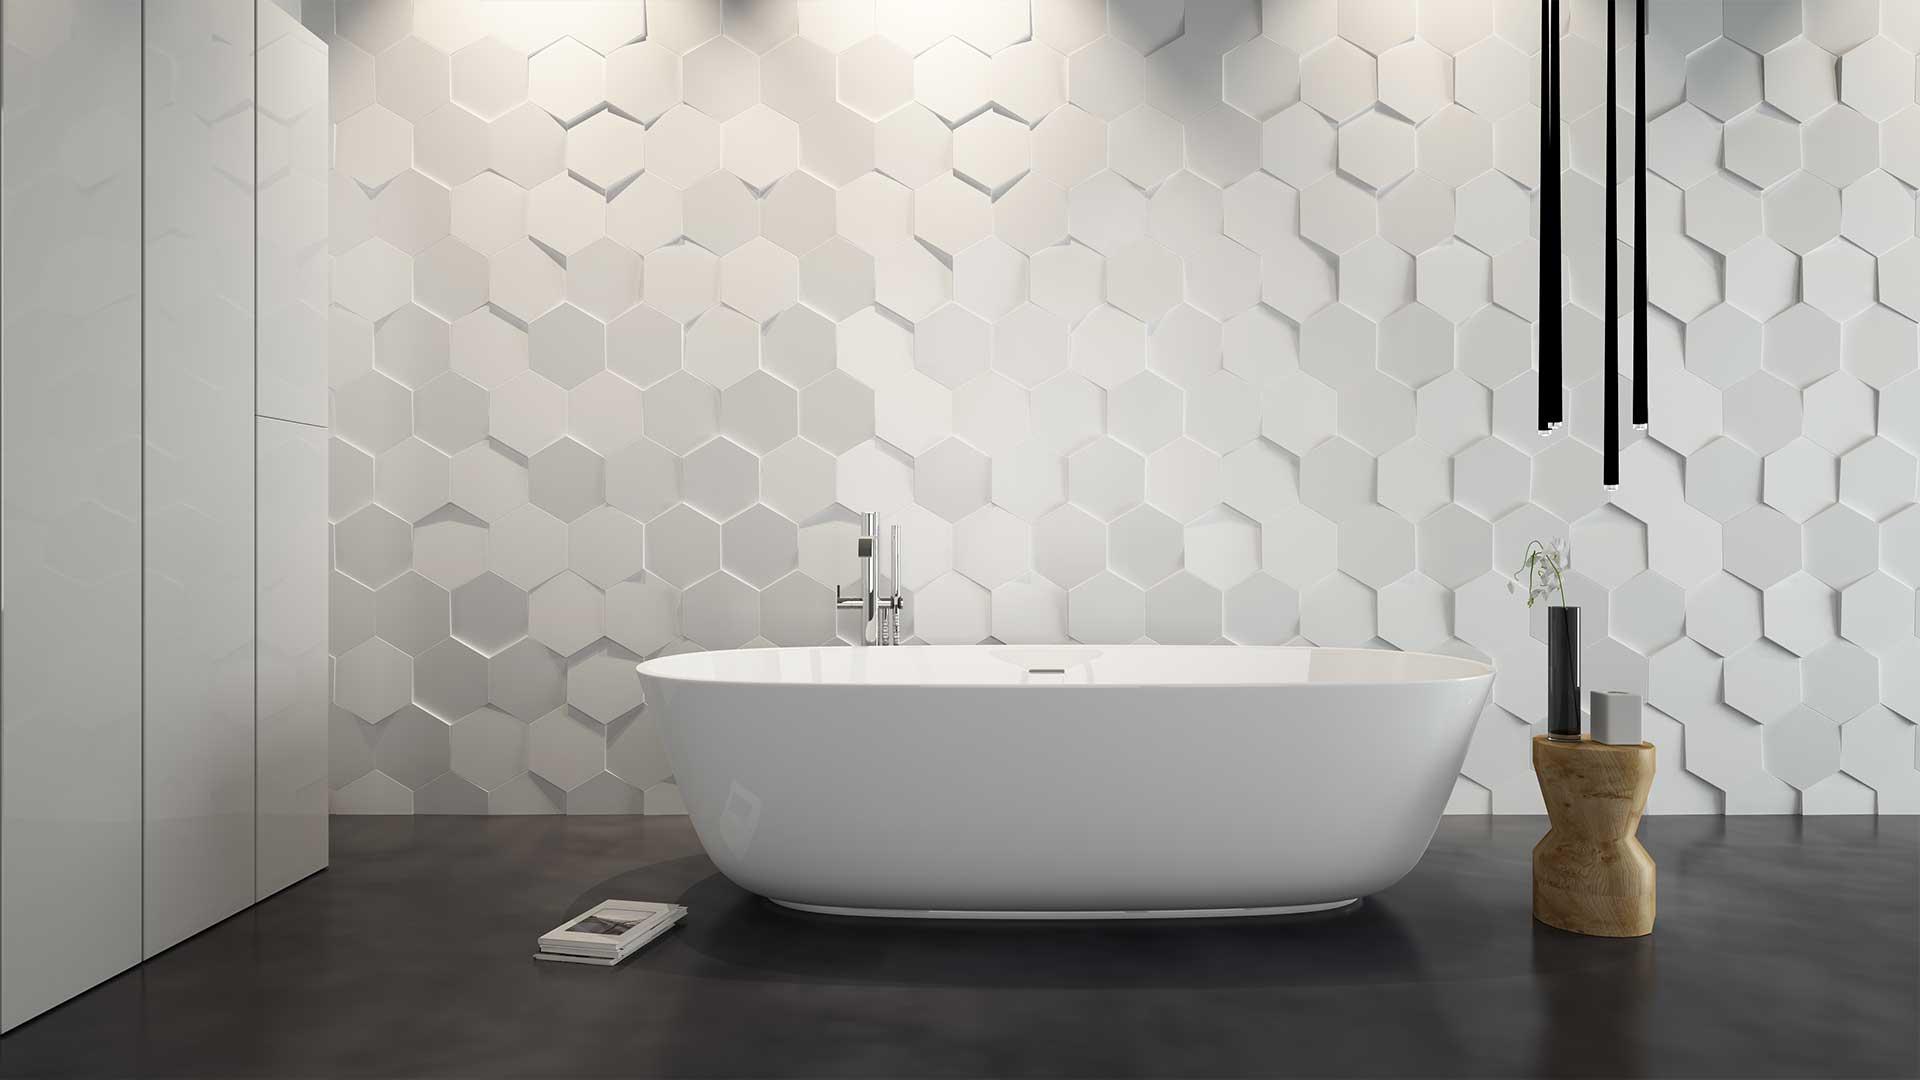 bathroom tile ideas bathroom floor tile beautiful bathroom tile bathroom wall tiles ideas bathroom tile ideas